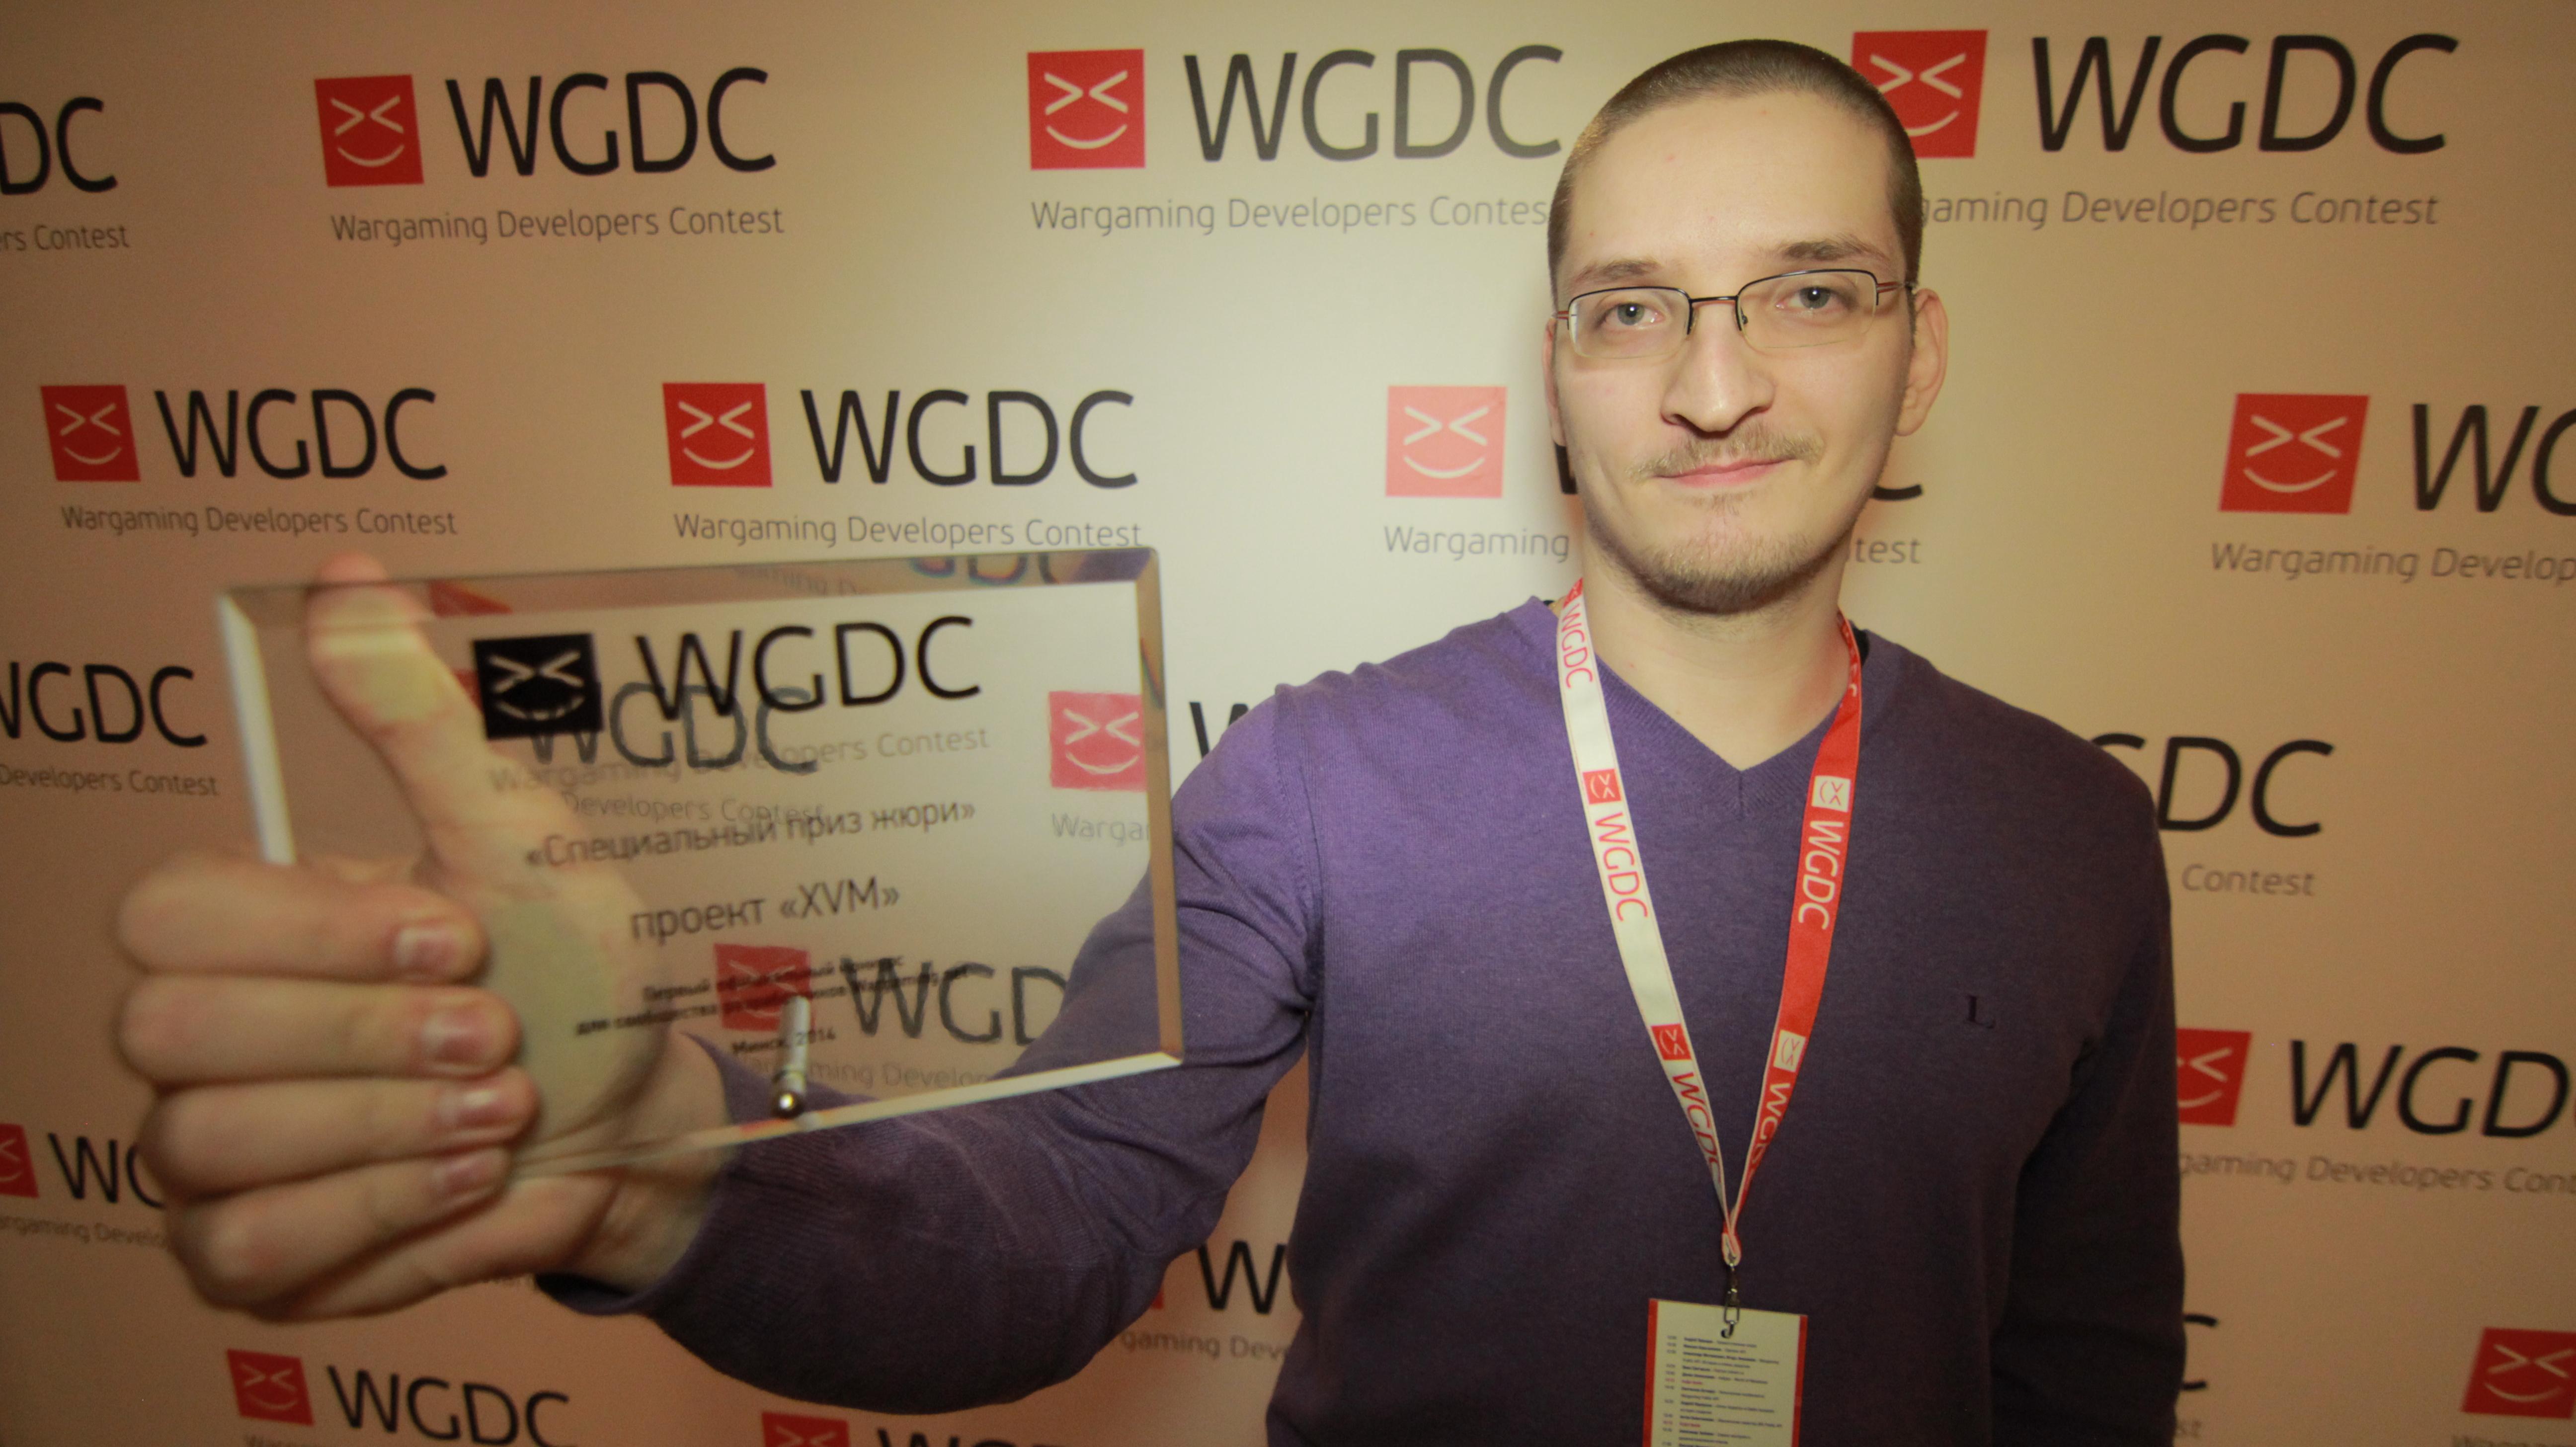 WGN_Photos_WGDC_Conference_Image_18